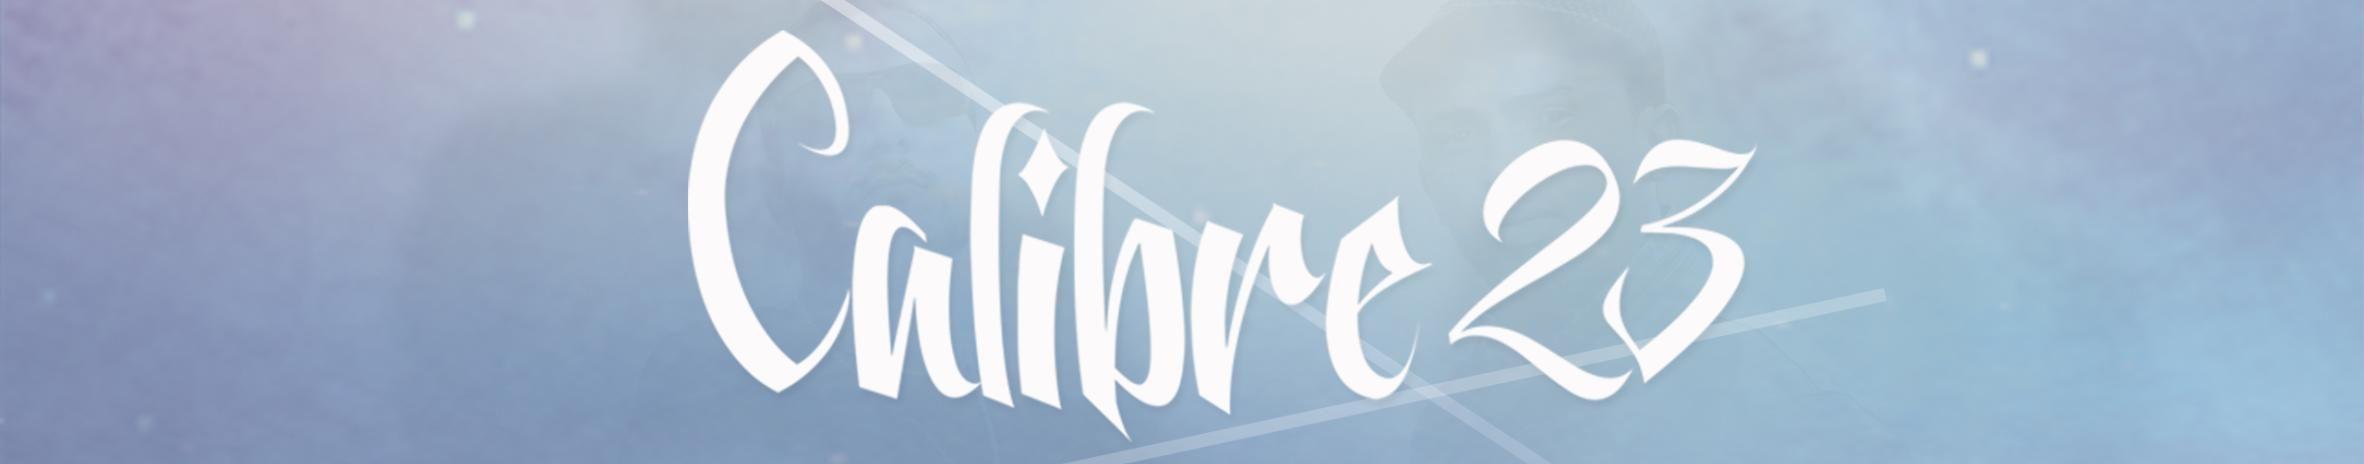 Imagem de capa de Calibre 23 Rap Gospel Nacional